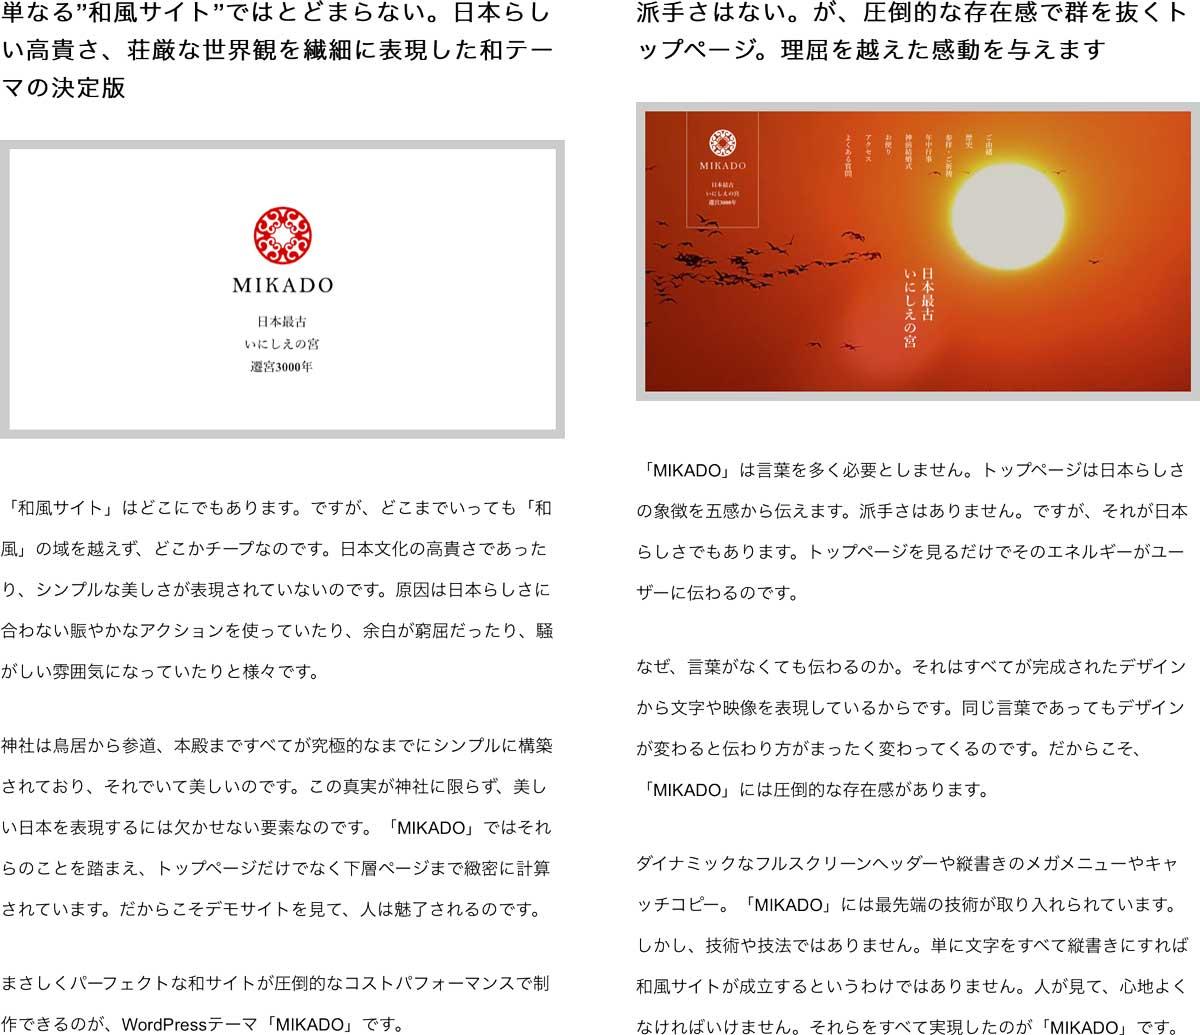 MIKADOは、神社や寺院をコンセプトにし、日本の美的感覚を表現したテーマ(WPテーマ、ワードプレステーマ) wordpress_free_themes_tcd071_02